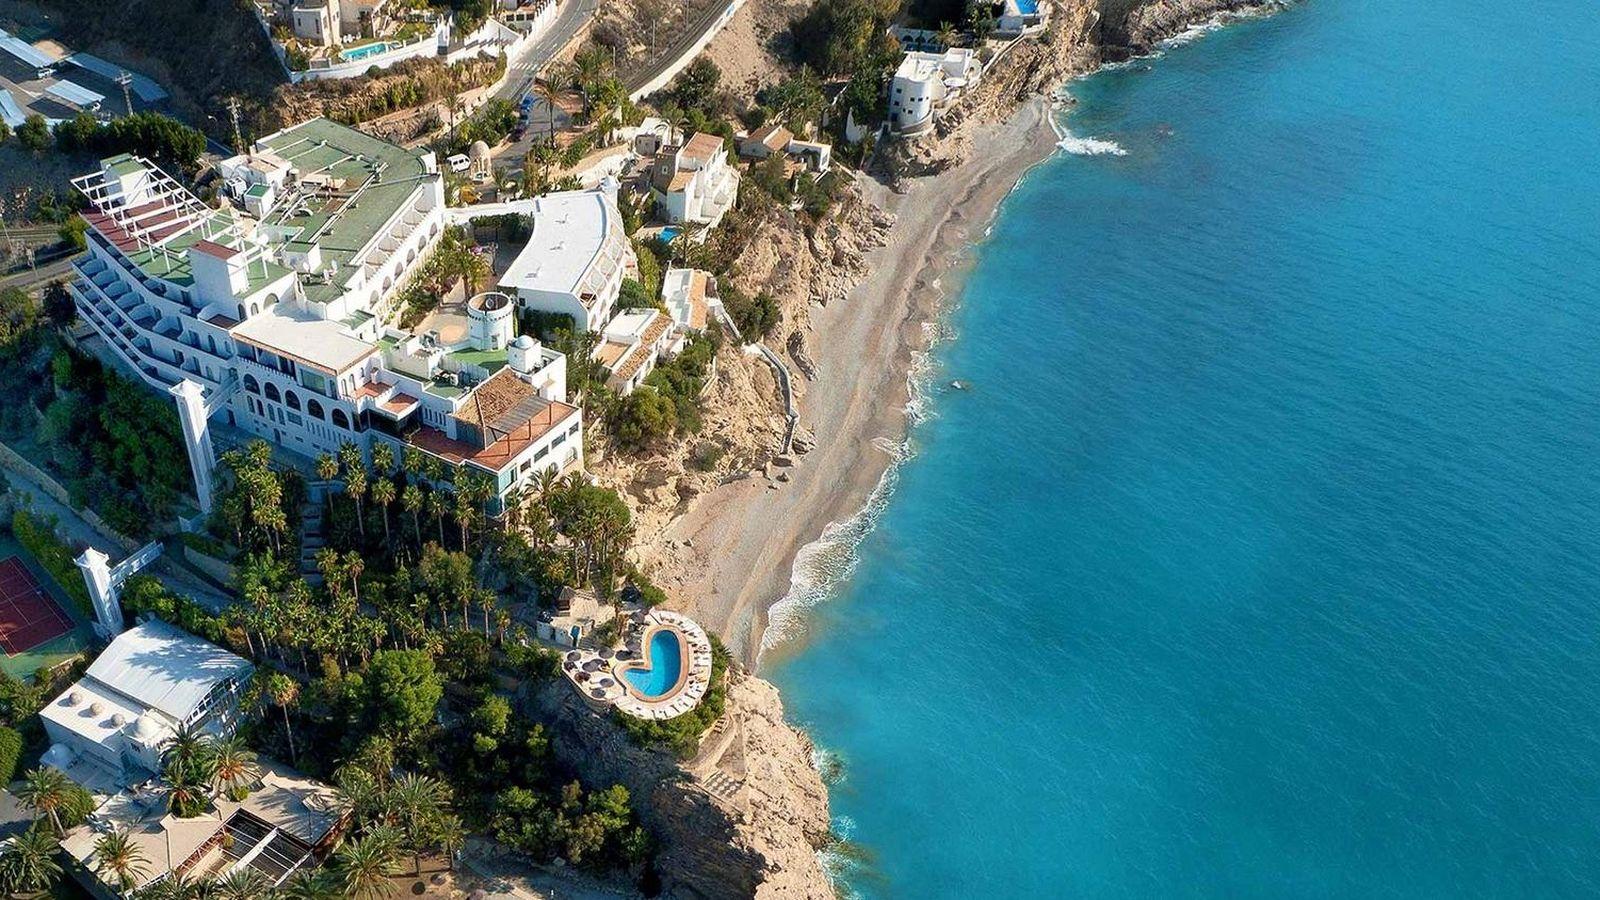 Viajes en espa a los hoteles con vistas al mar m s for Hoteles minimalistas en espana